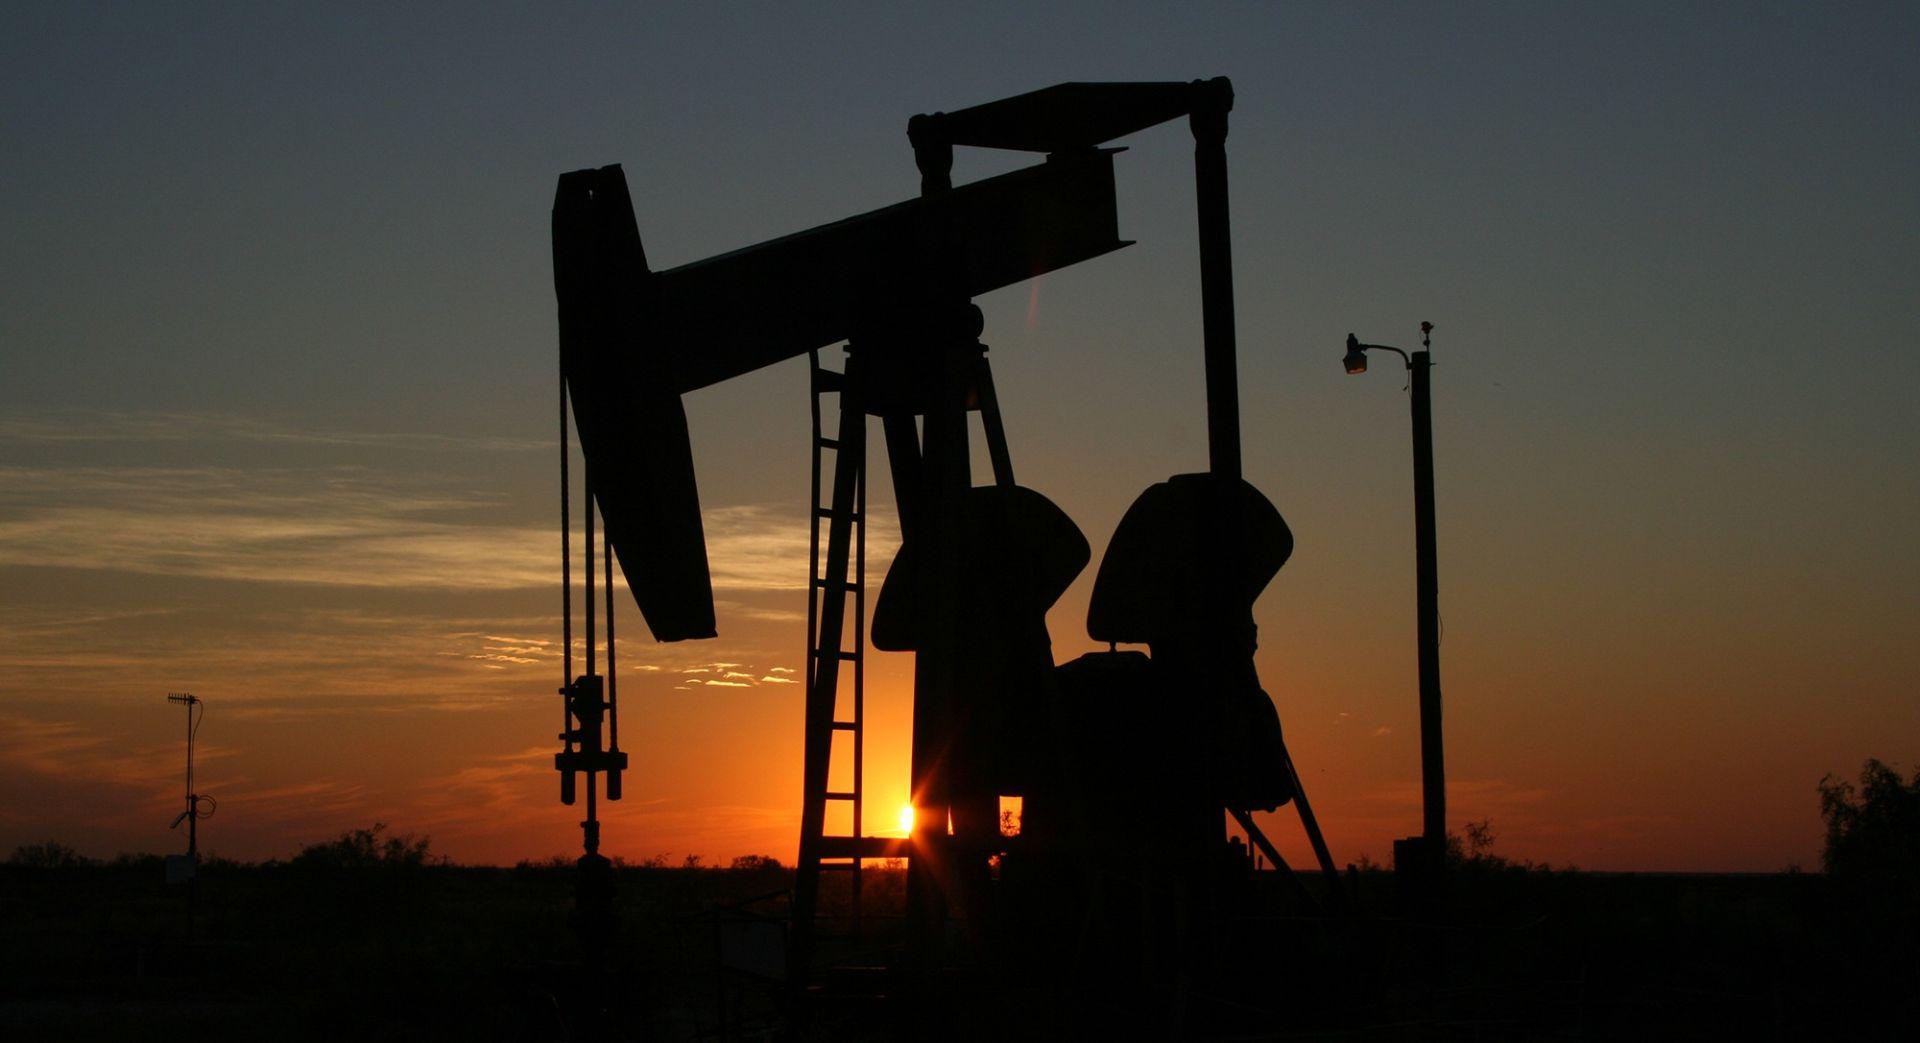 Cijene nafte stabilizirane nakon američkih sankcija Iranu